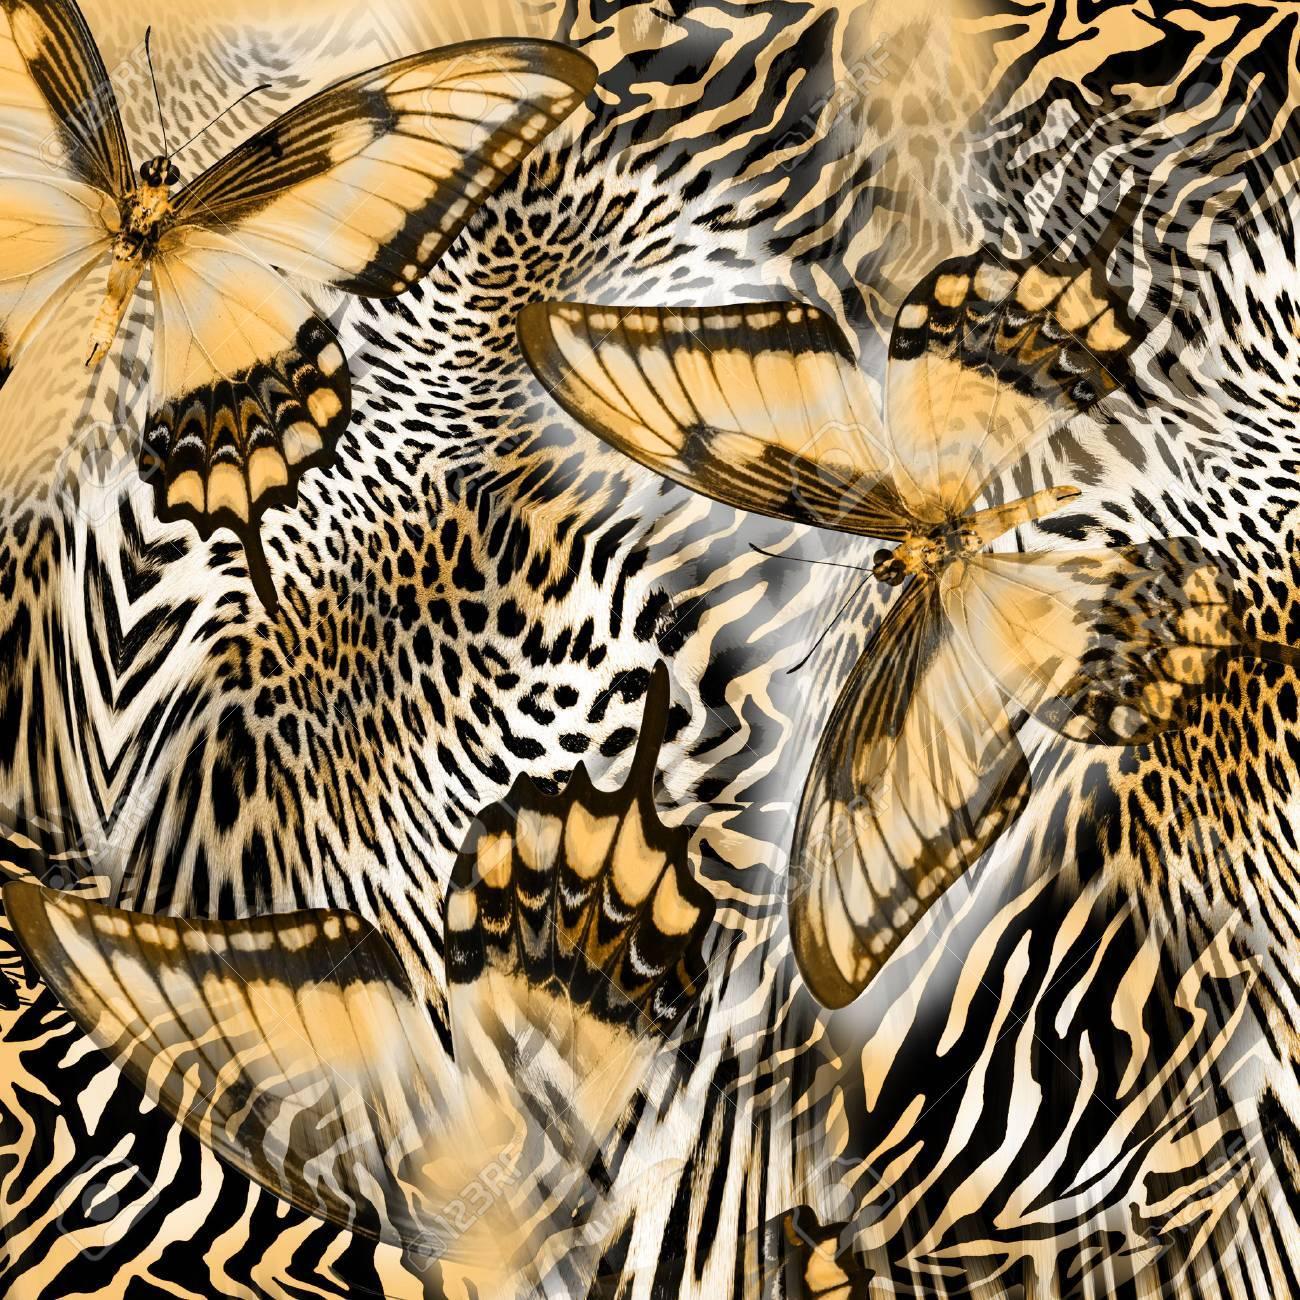 butterfly snake zebra skin background - 53538840